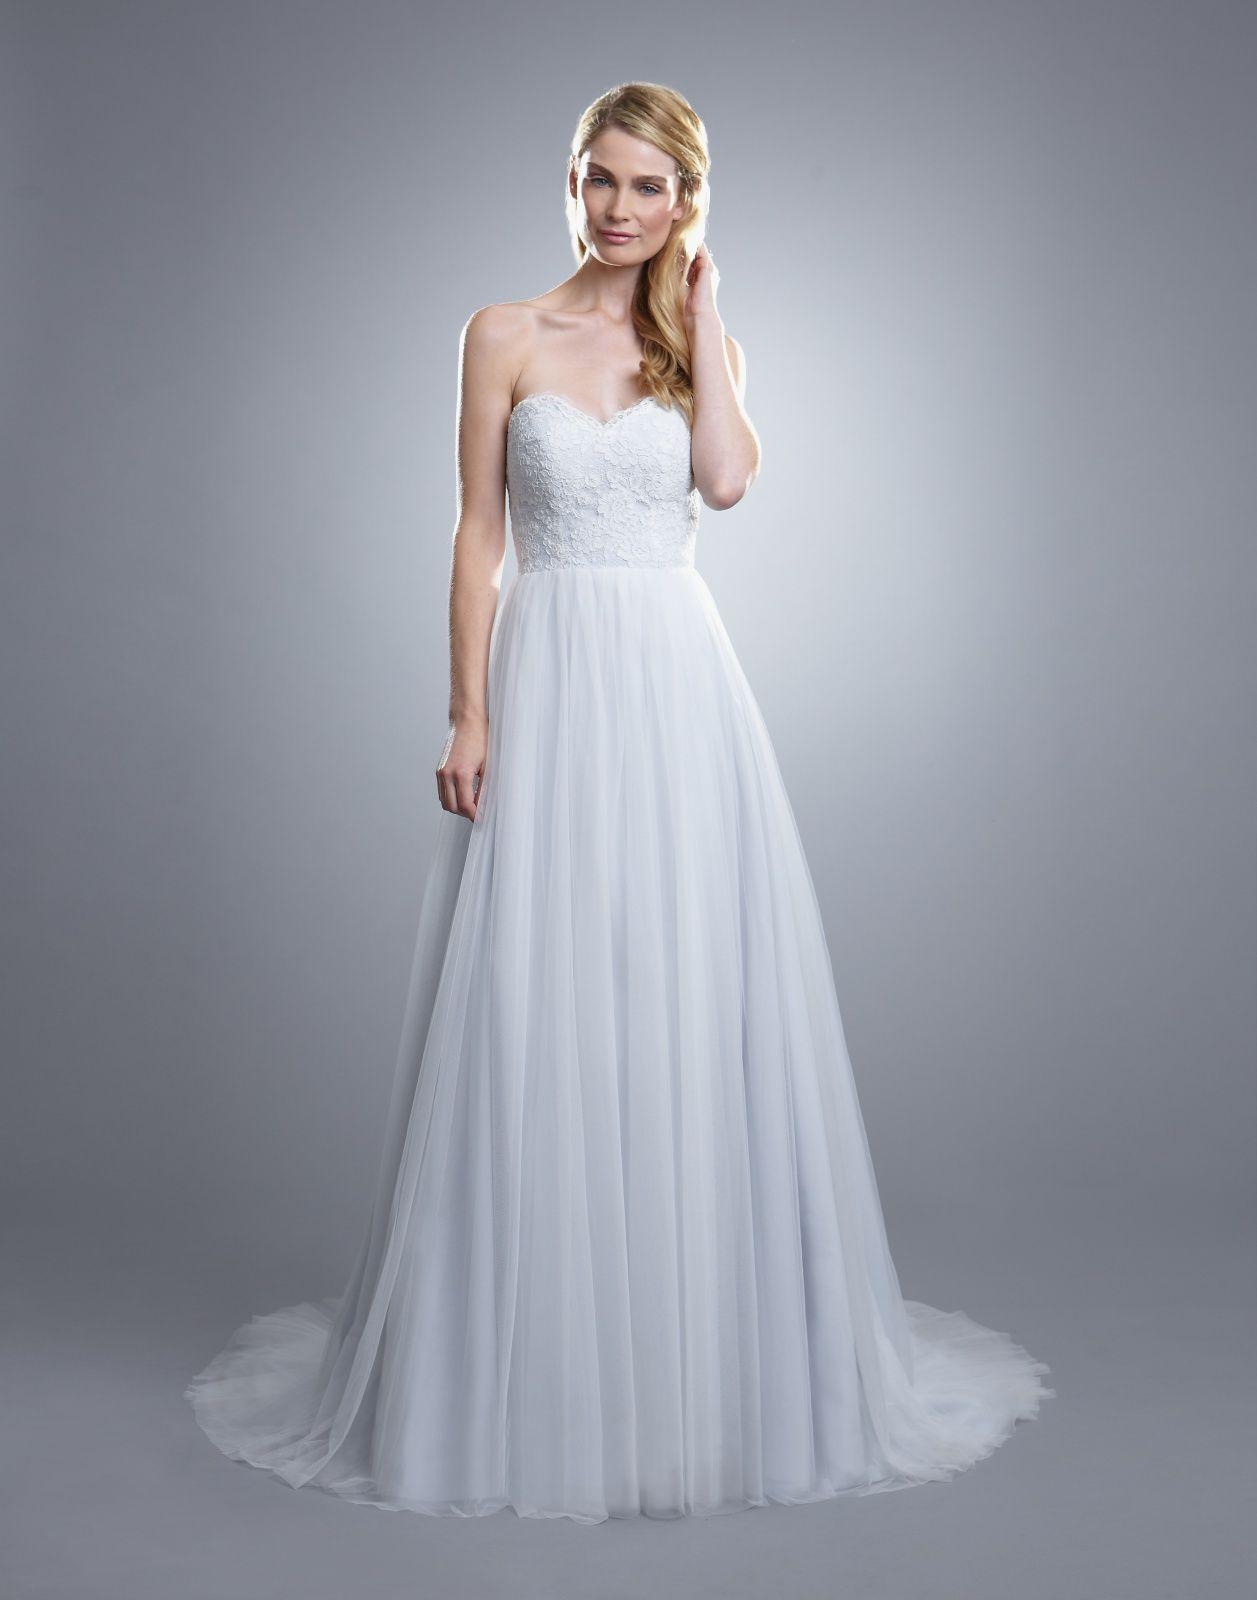 Stella - Olia Zavozina | Nashville Wedding Dresses | Bridal Gowns ...